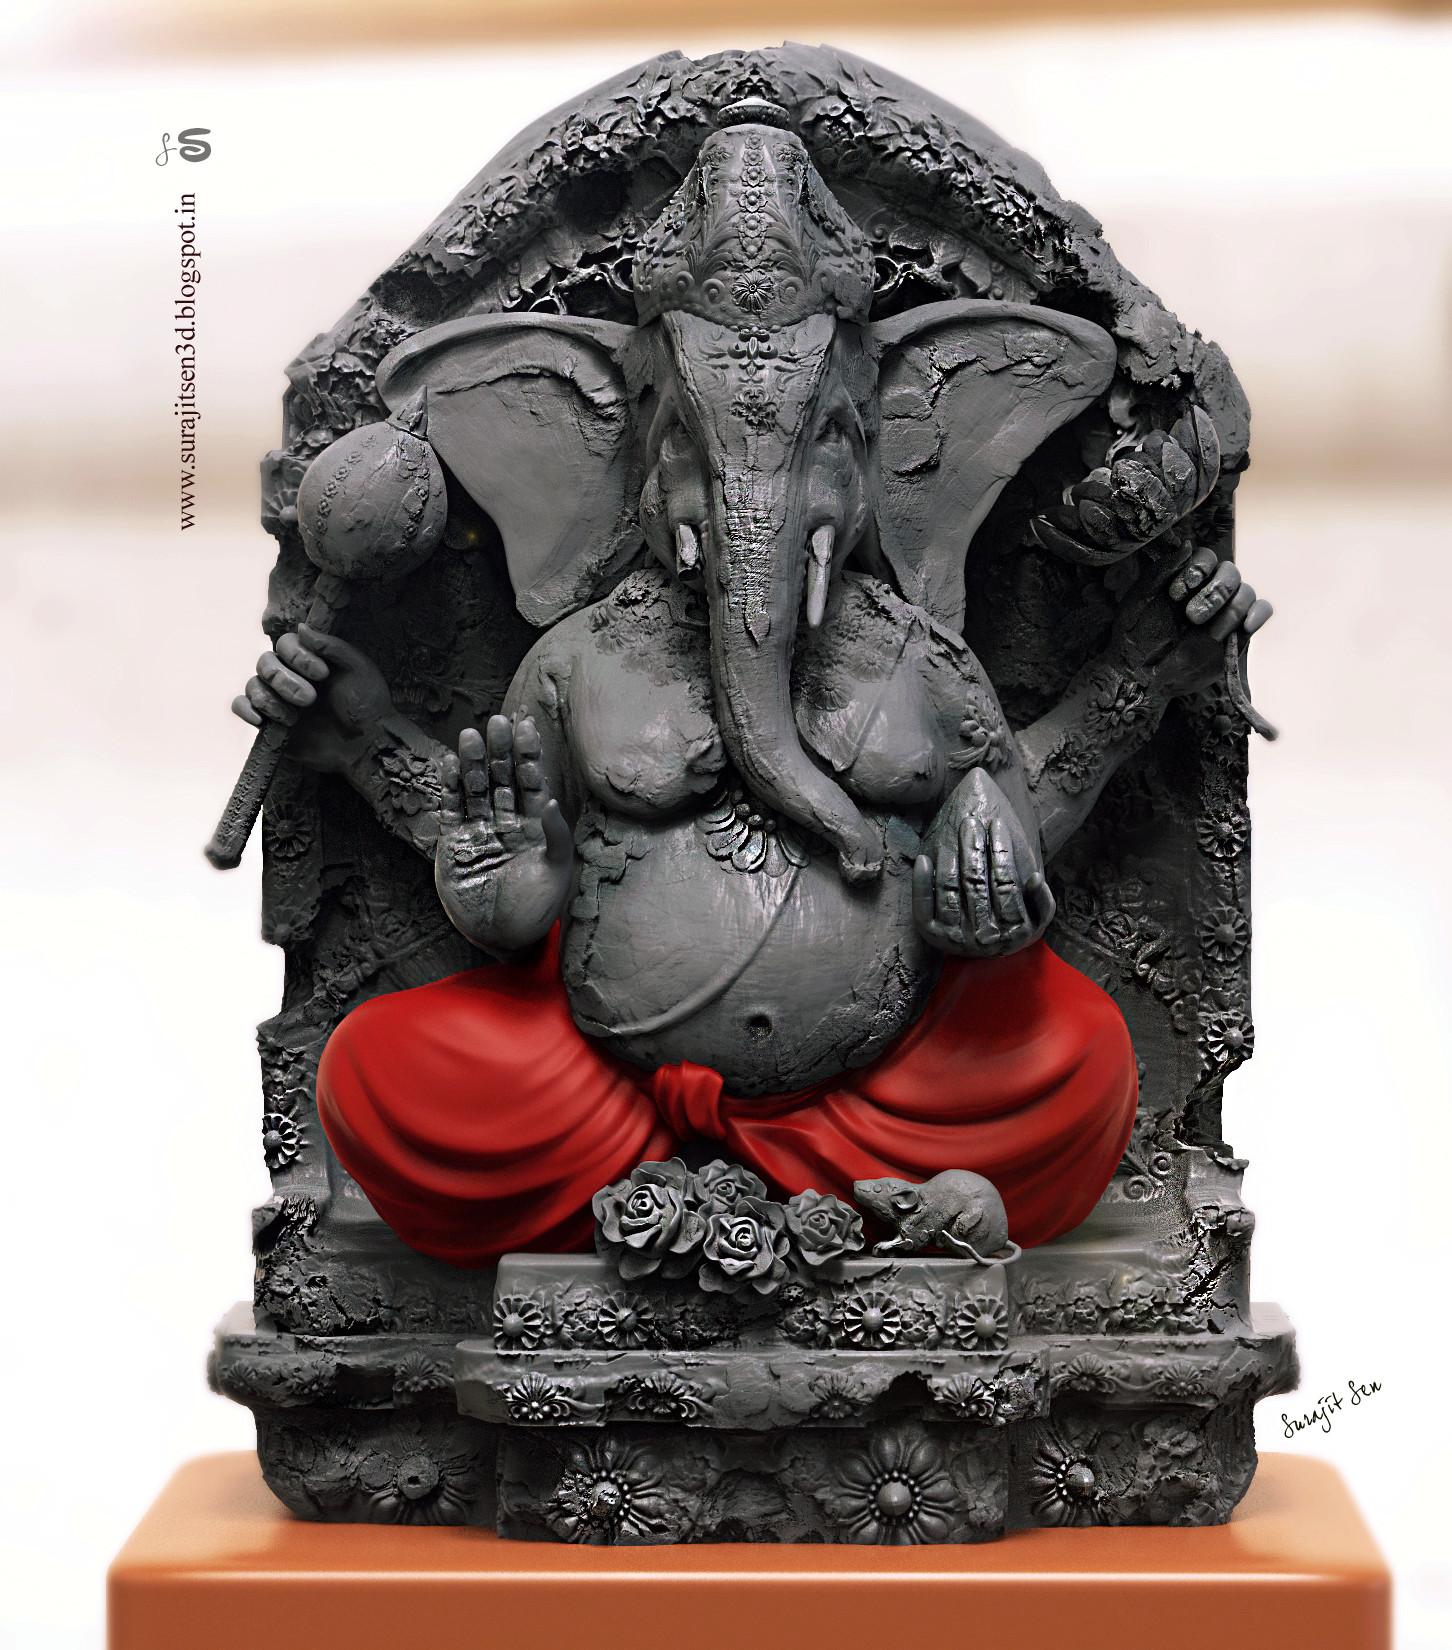 Surajit sen vinayaka digital sculpt surajitsen 04092018